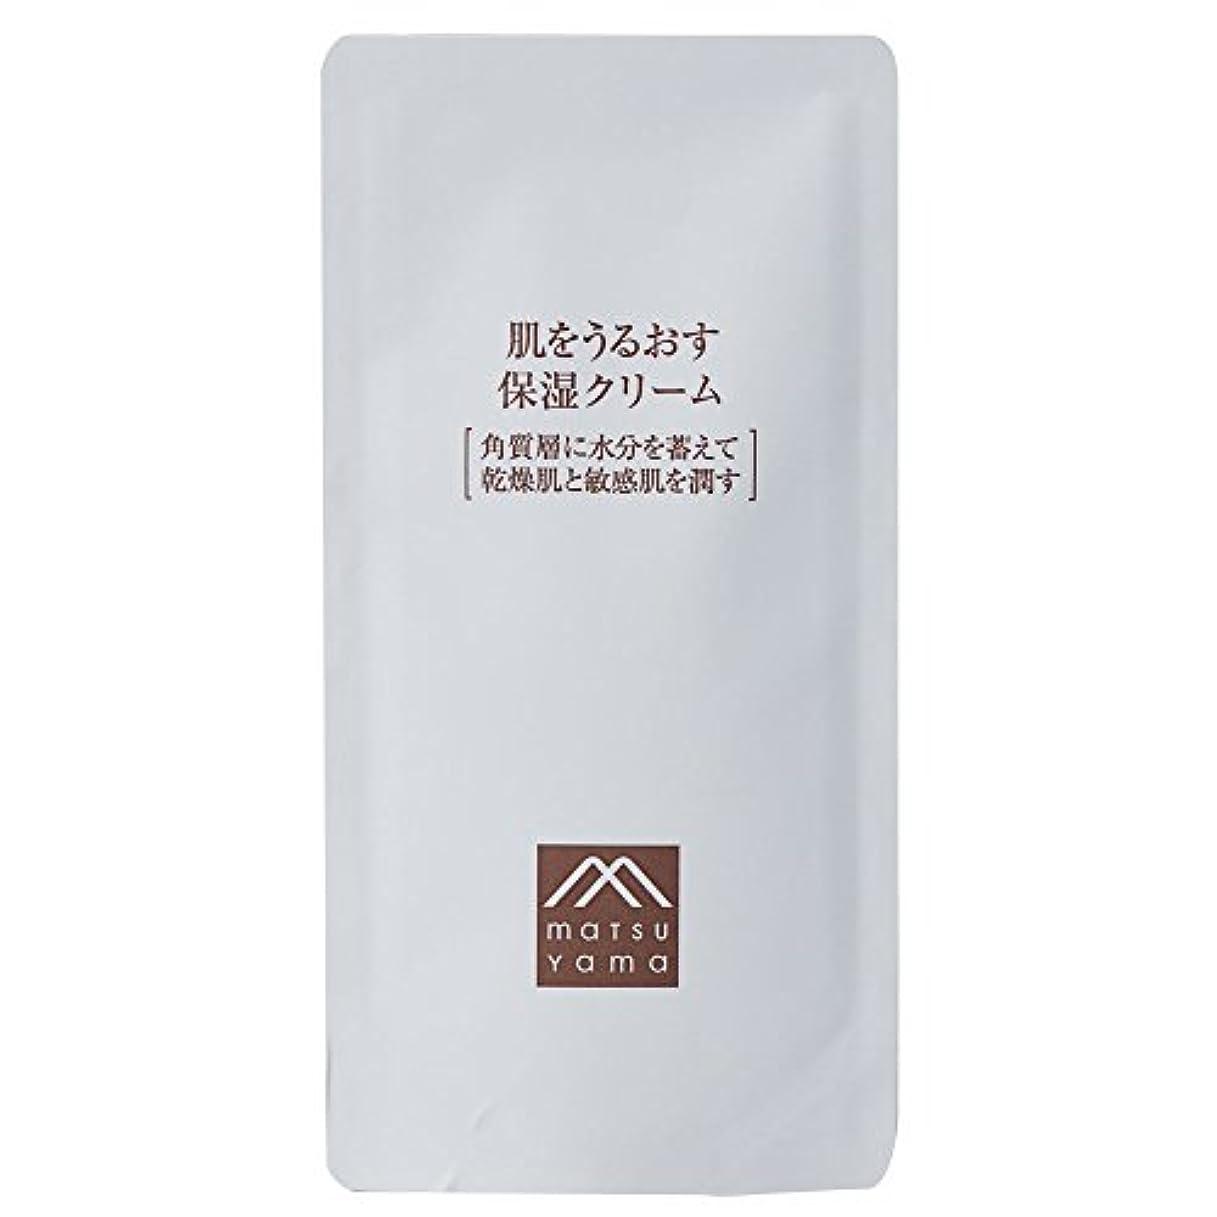 ブラジャー取り付けファッション肌をうるおす保湿クリーム 詰替用(クリーム) 濃厚クリーム [乾燥肌 敏感肌]